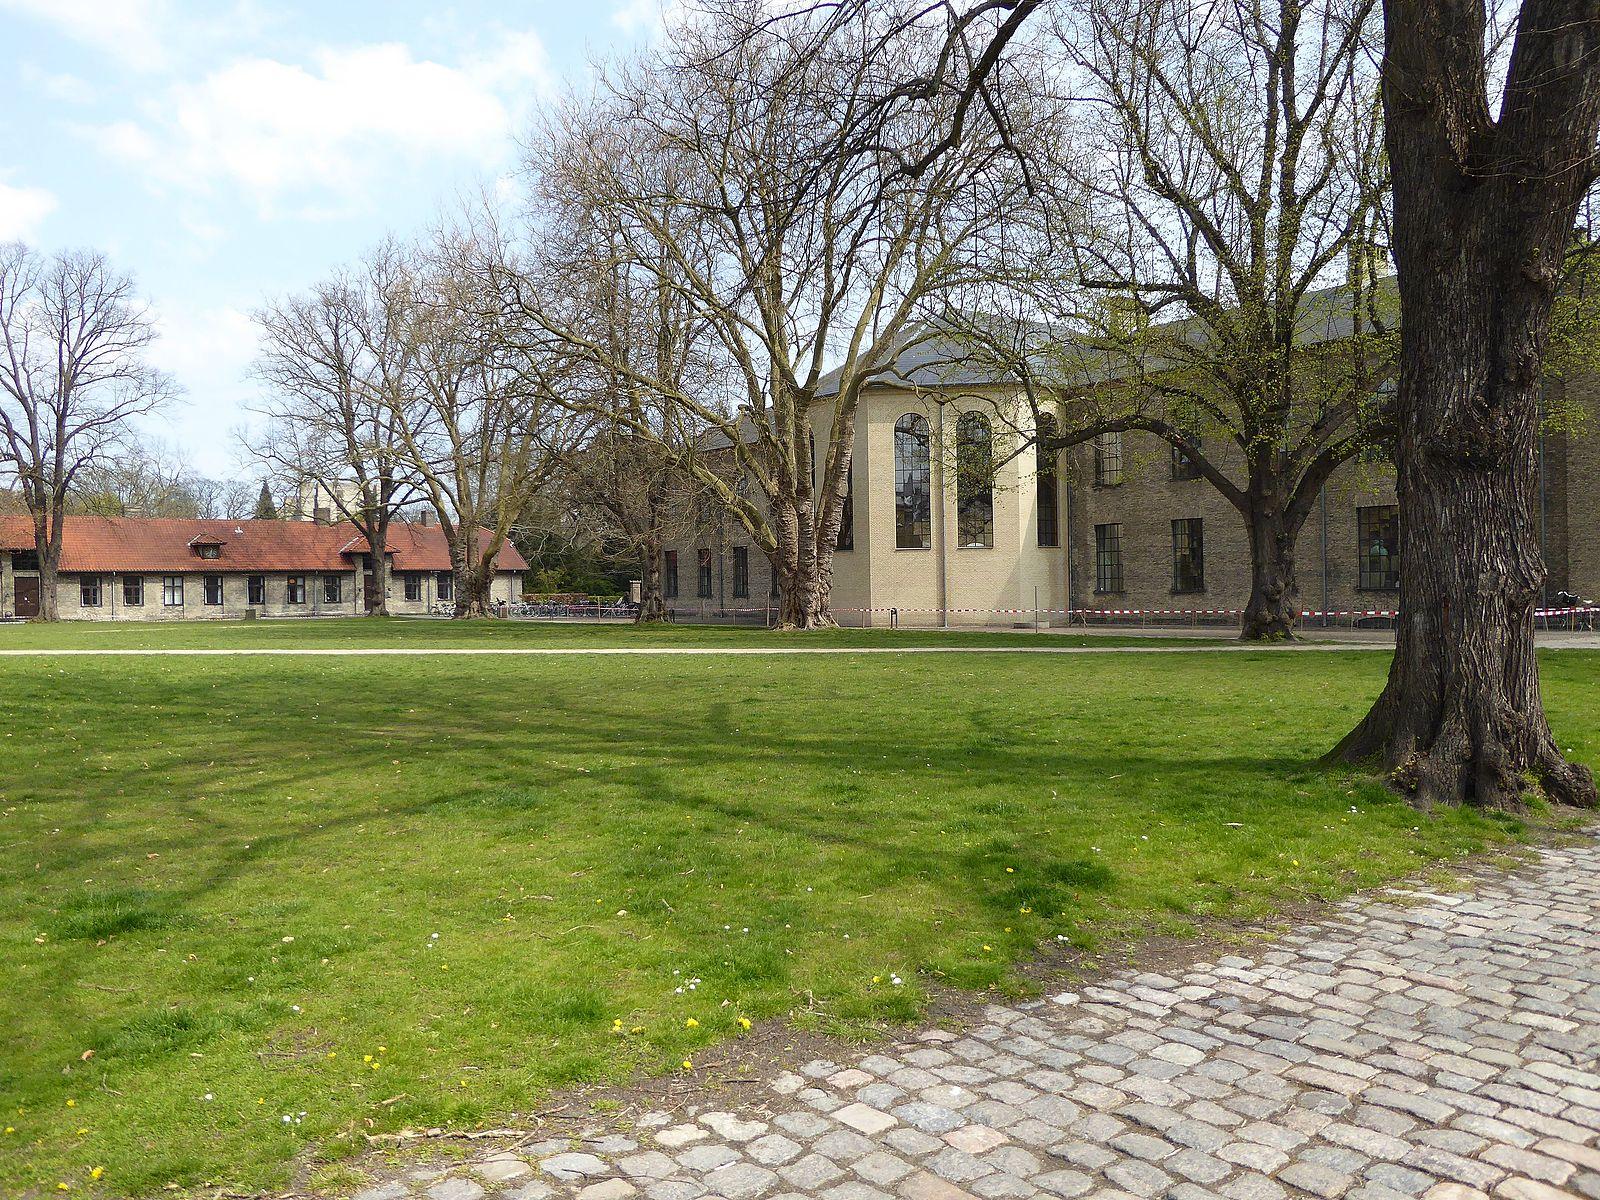 frederiksberg_campus_groennegaarden_lawn